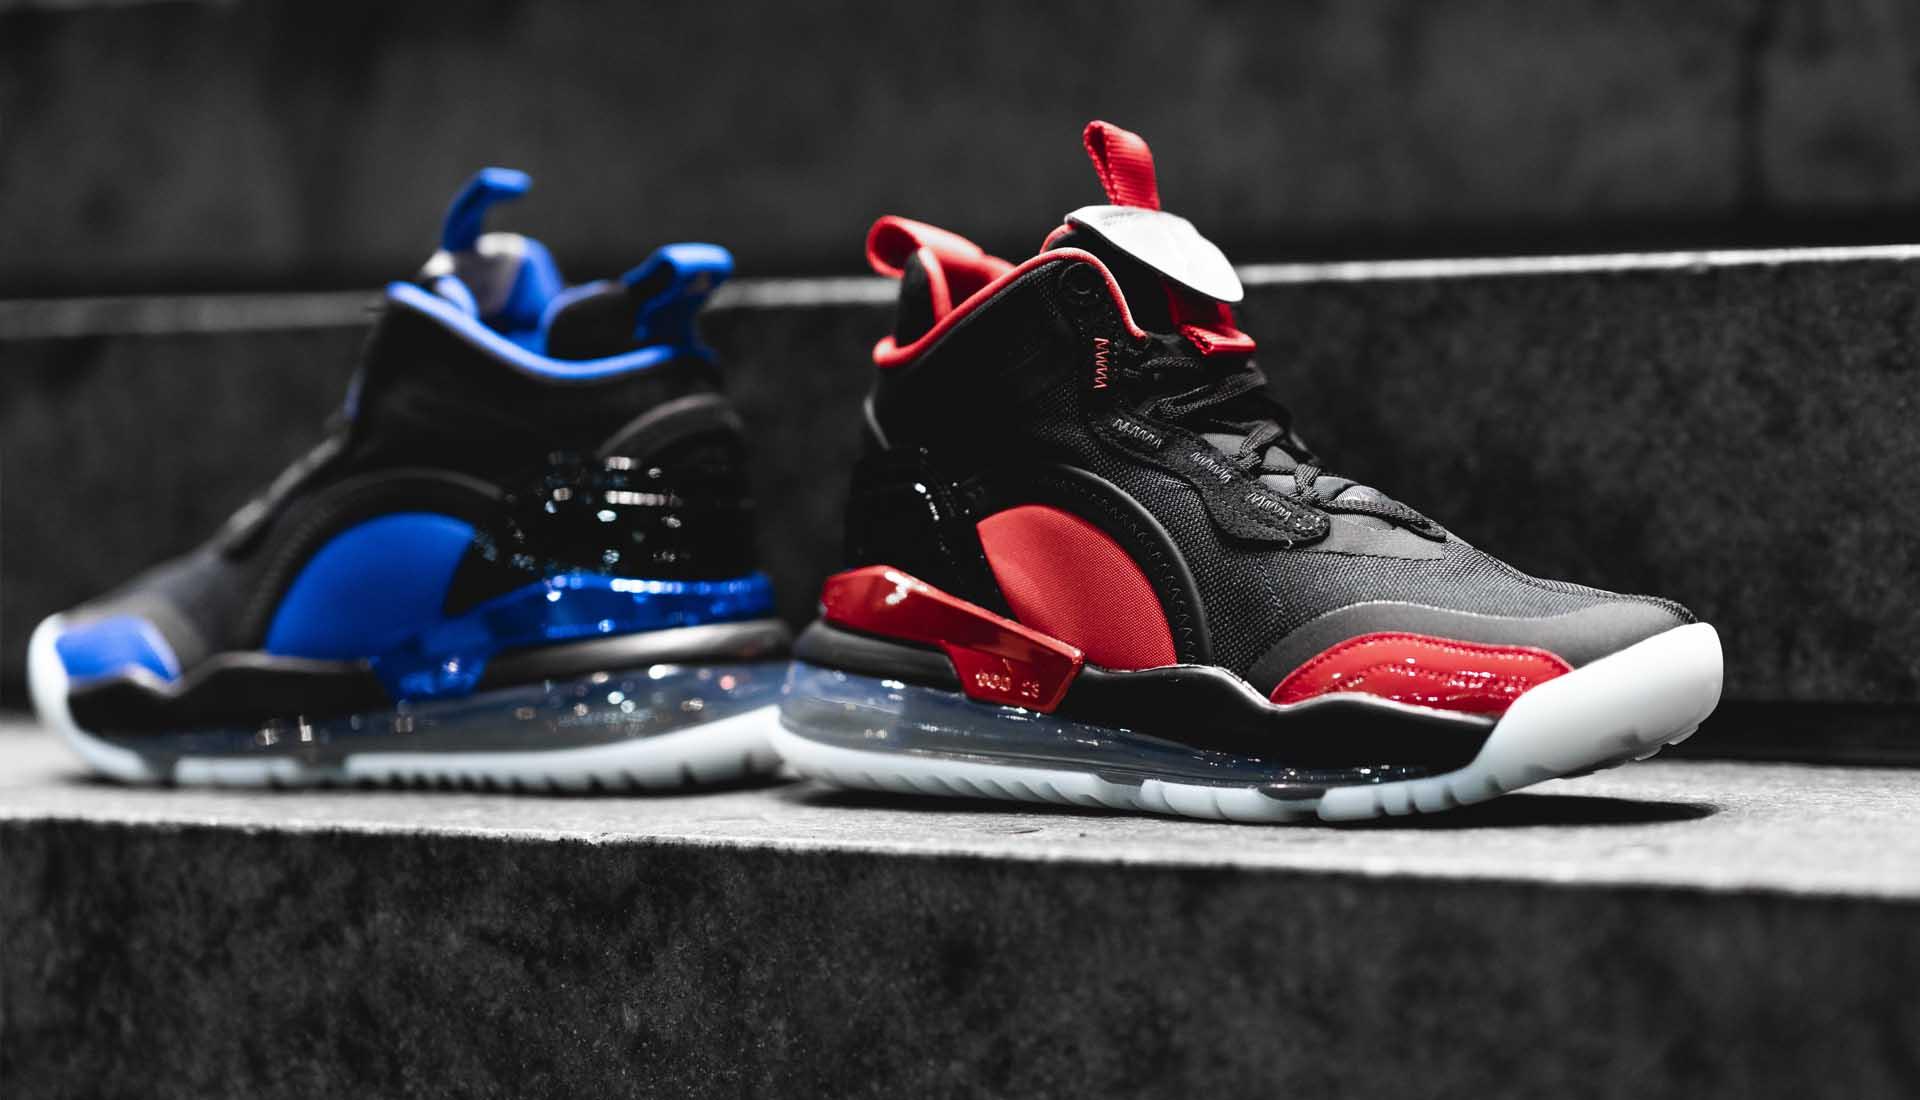 PSG x Jordan Aerospace 720 Sneakers